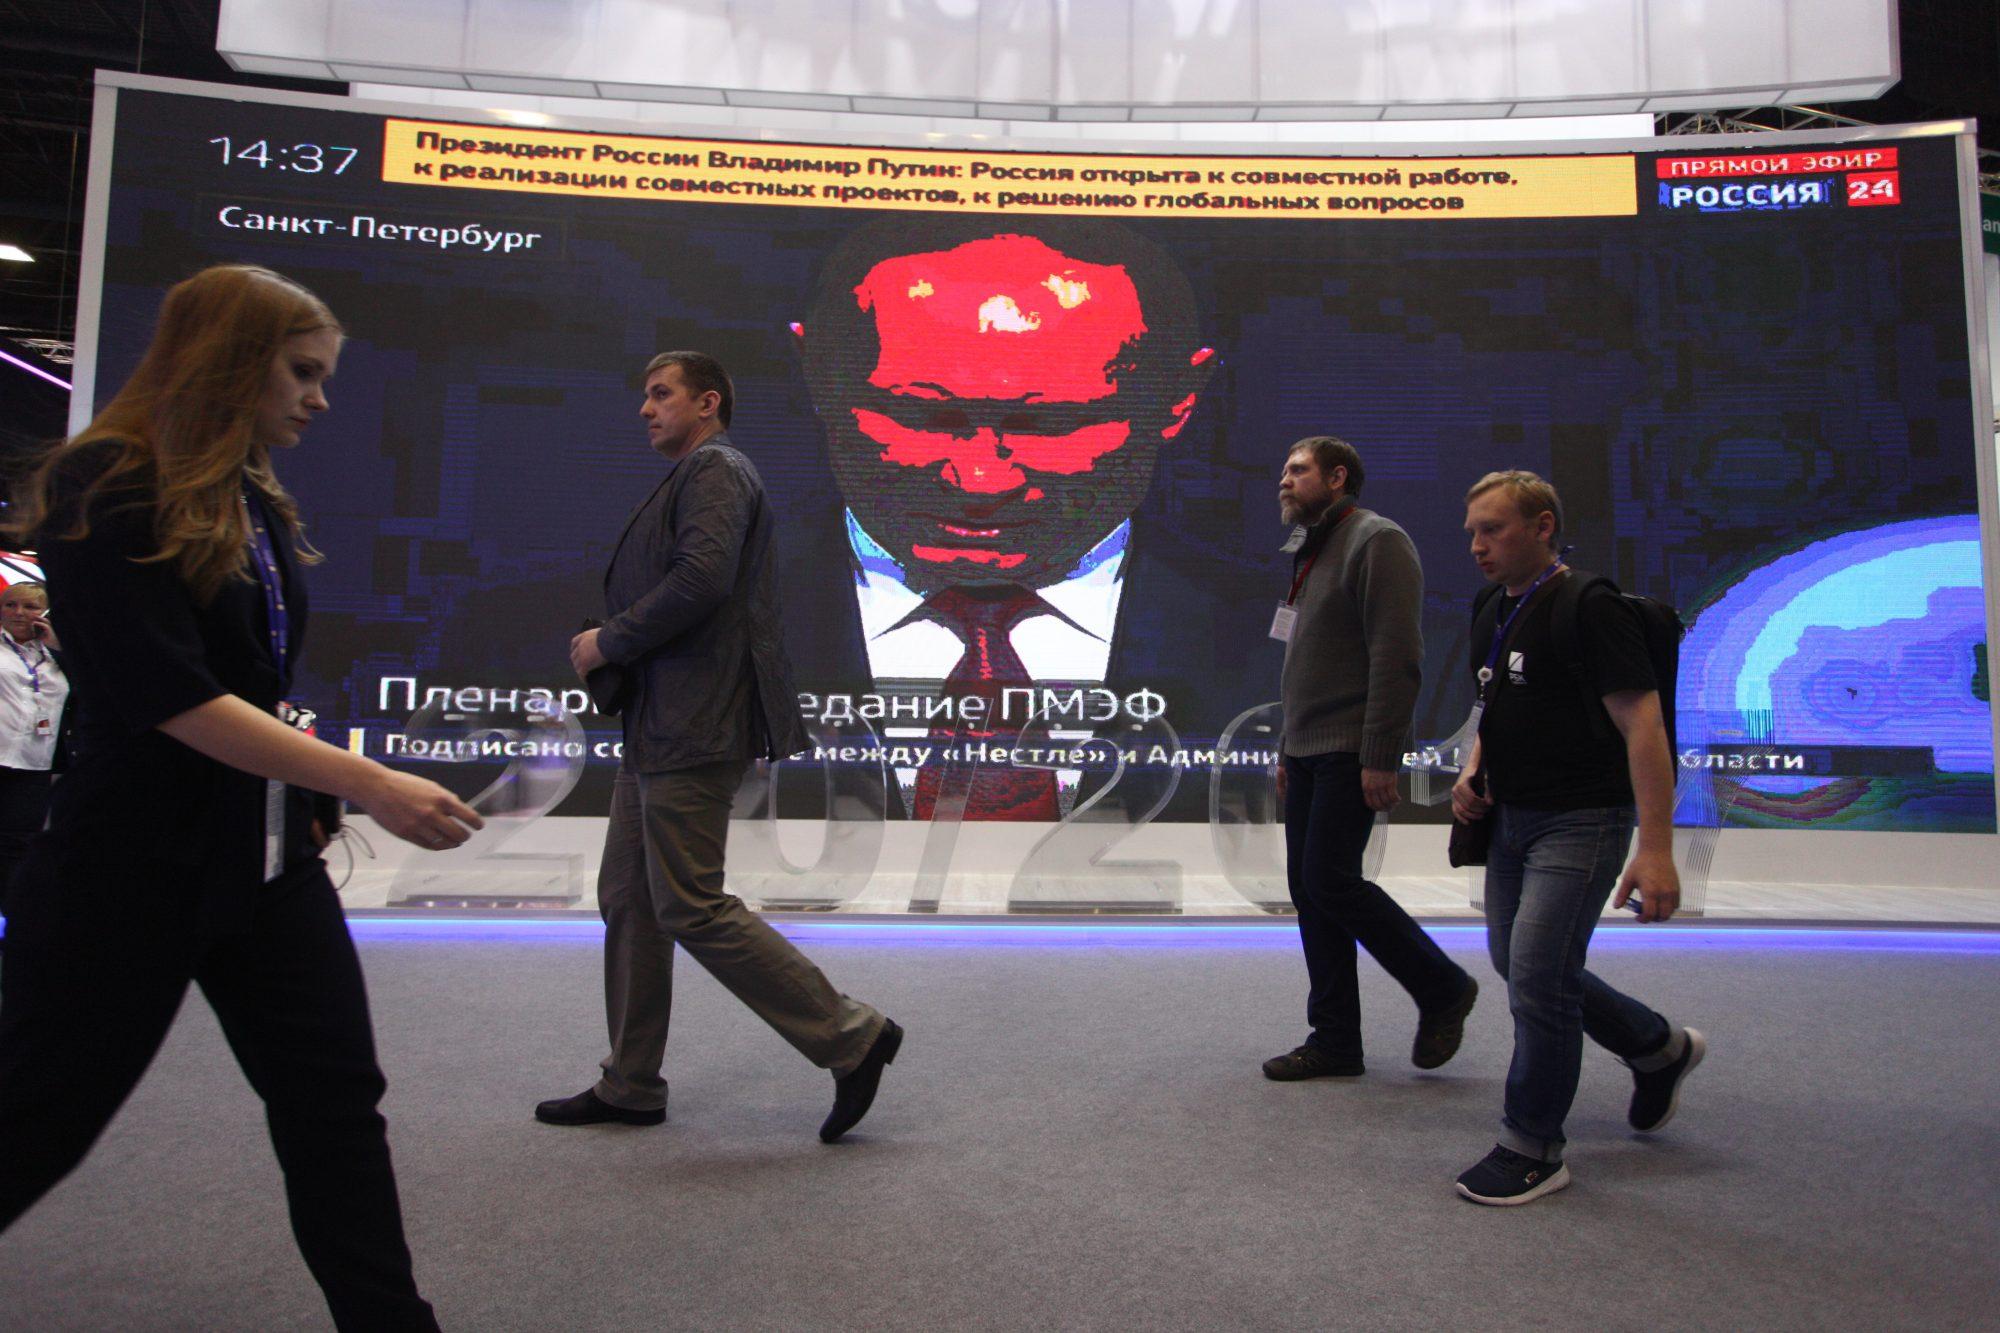 «Братан, наливай, не бросил нас Владимир Владимирович, будем дальше вместе с колен подниматься»: политологи о том, что будет после выборов